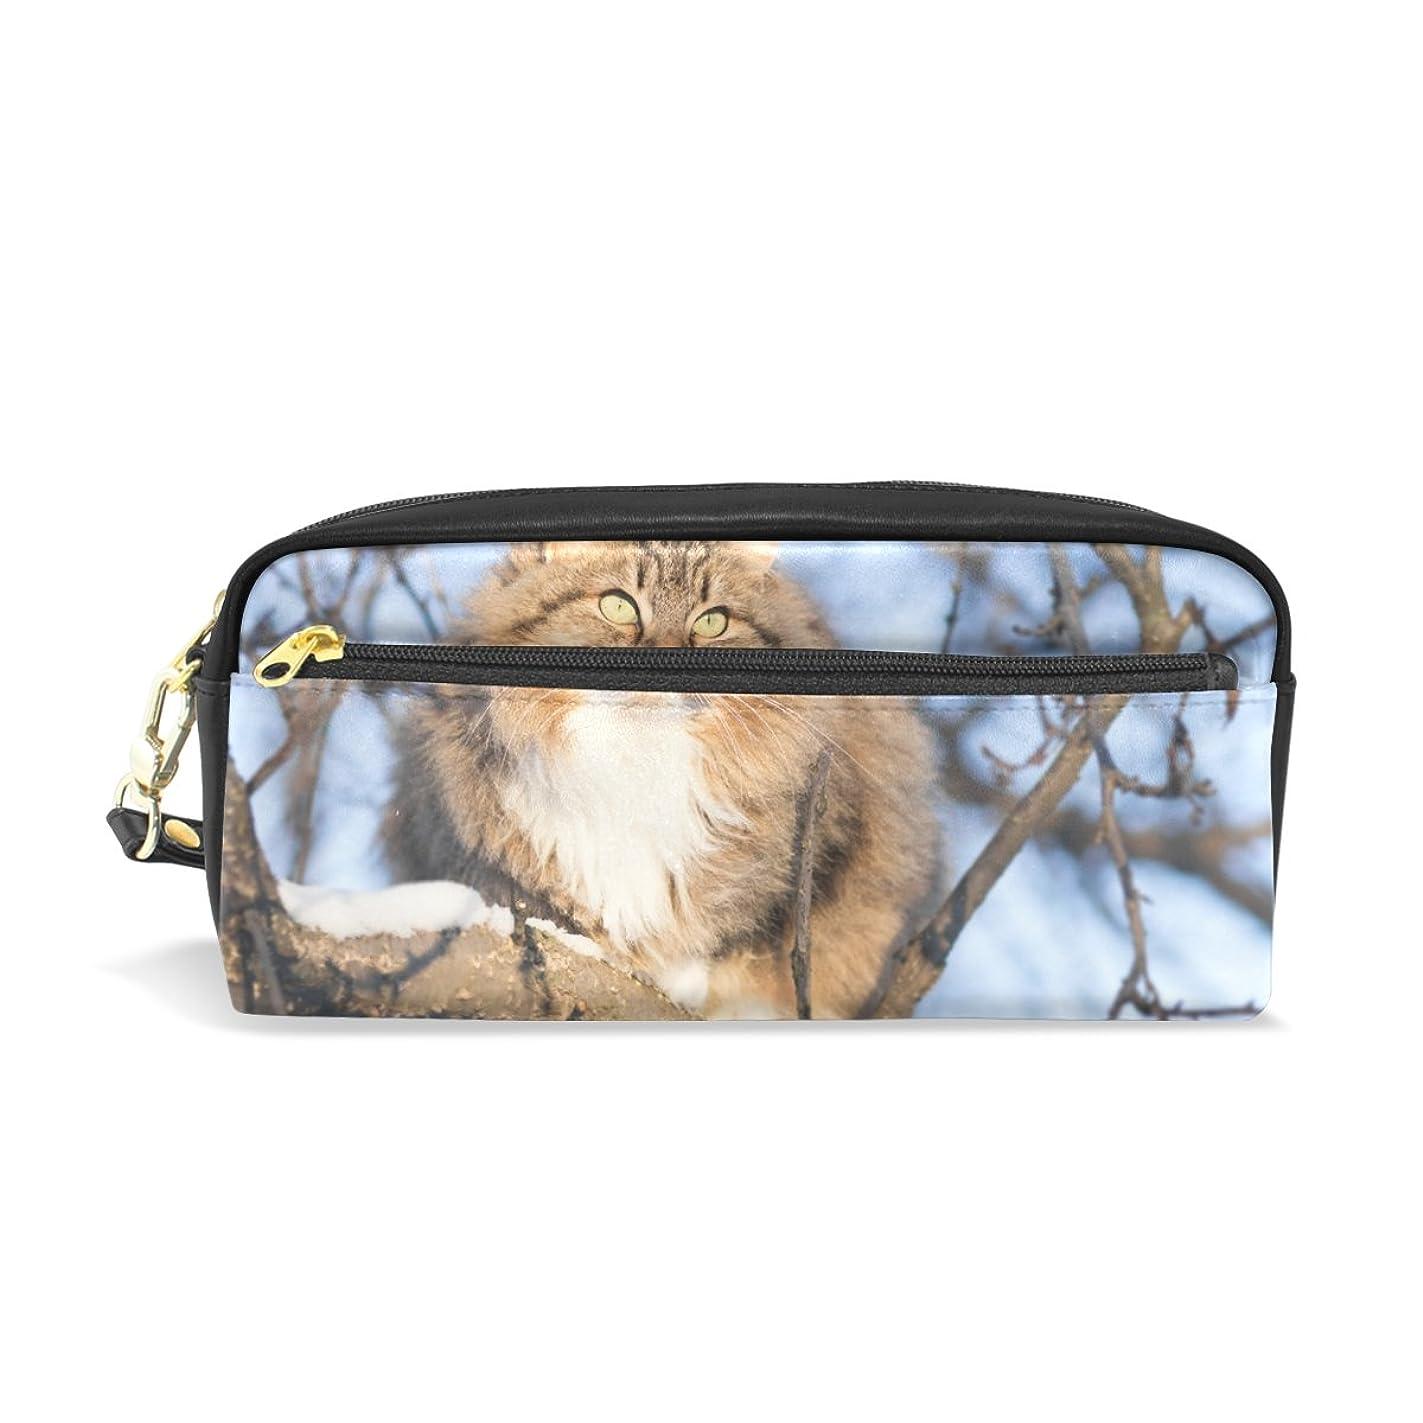 舗装準備ができて普遍的なAOMOKI ペンケース ペンポーチ おしゃれ かわいい 化粧ポーチ 小物入り 多機能バッグ 男女兼用 プレゼント ギフト かわいい猫 開いたら 猫がいる